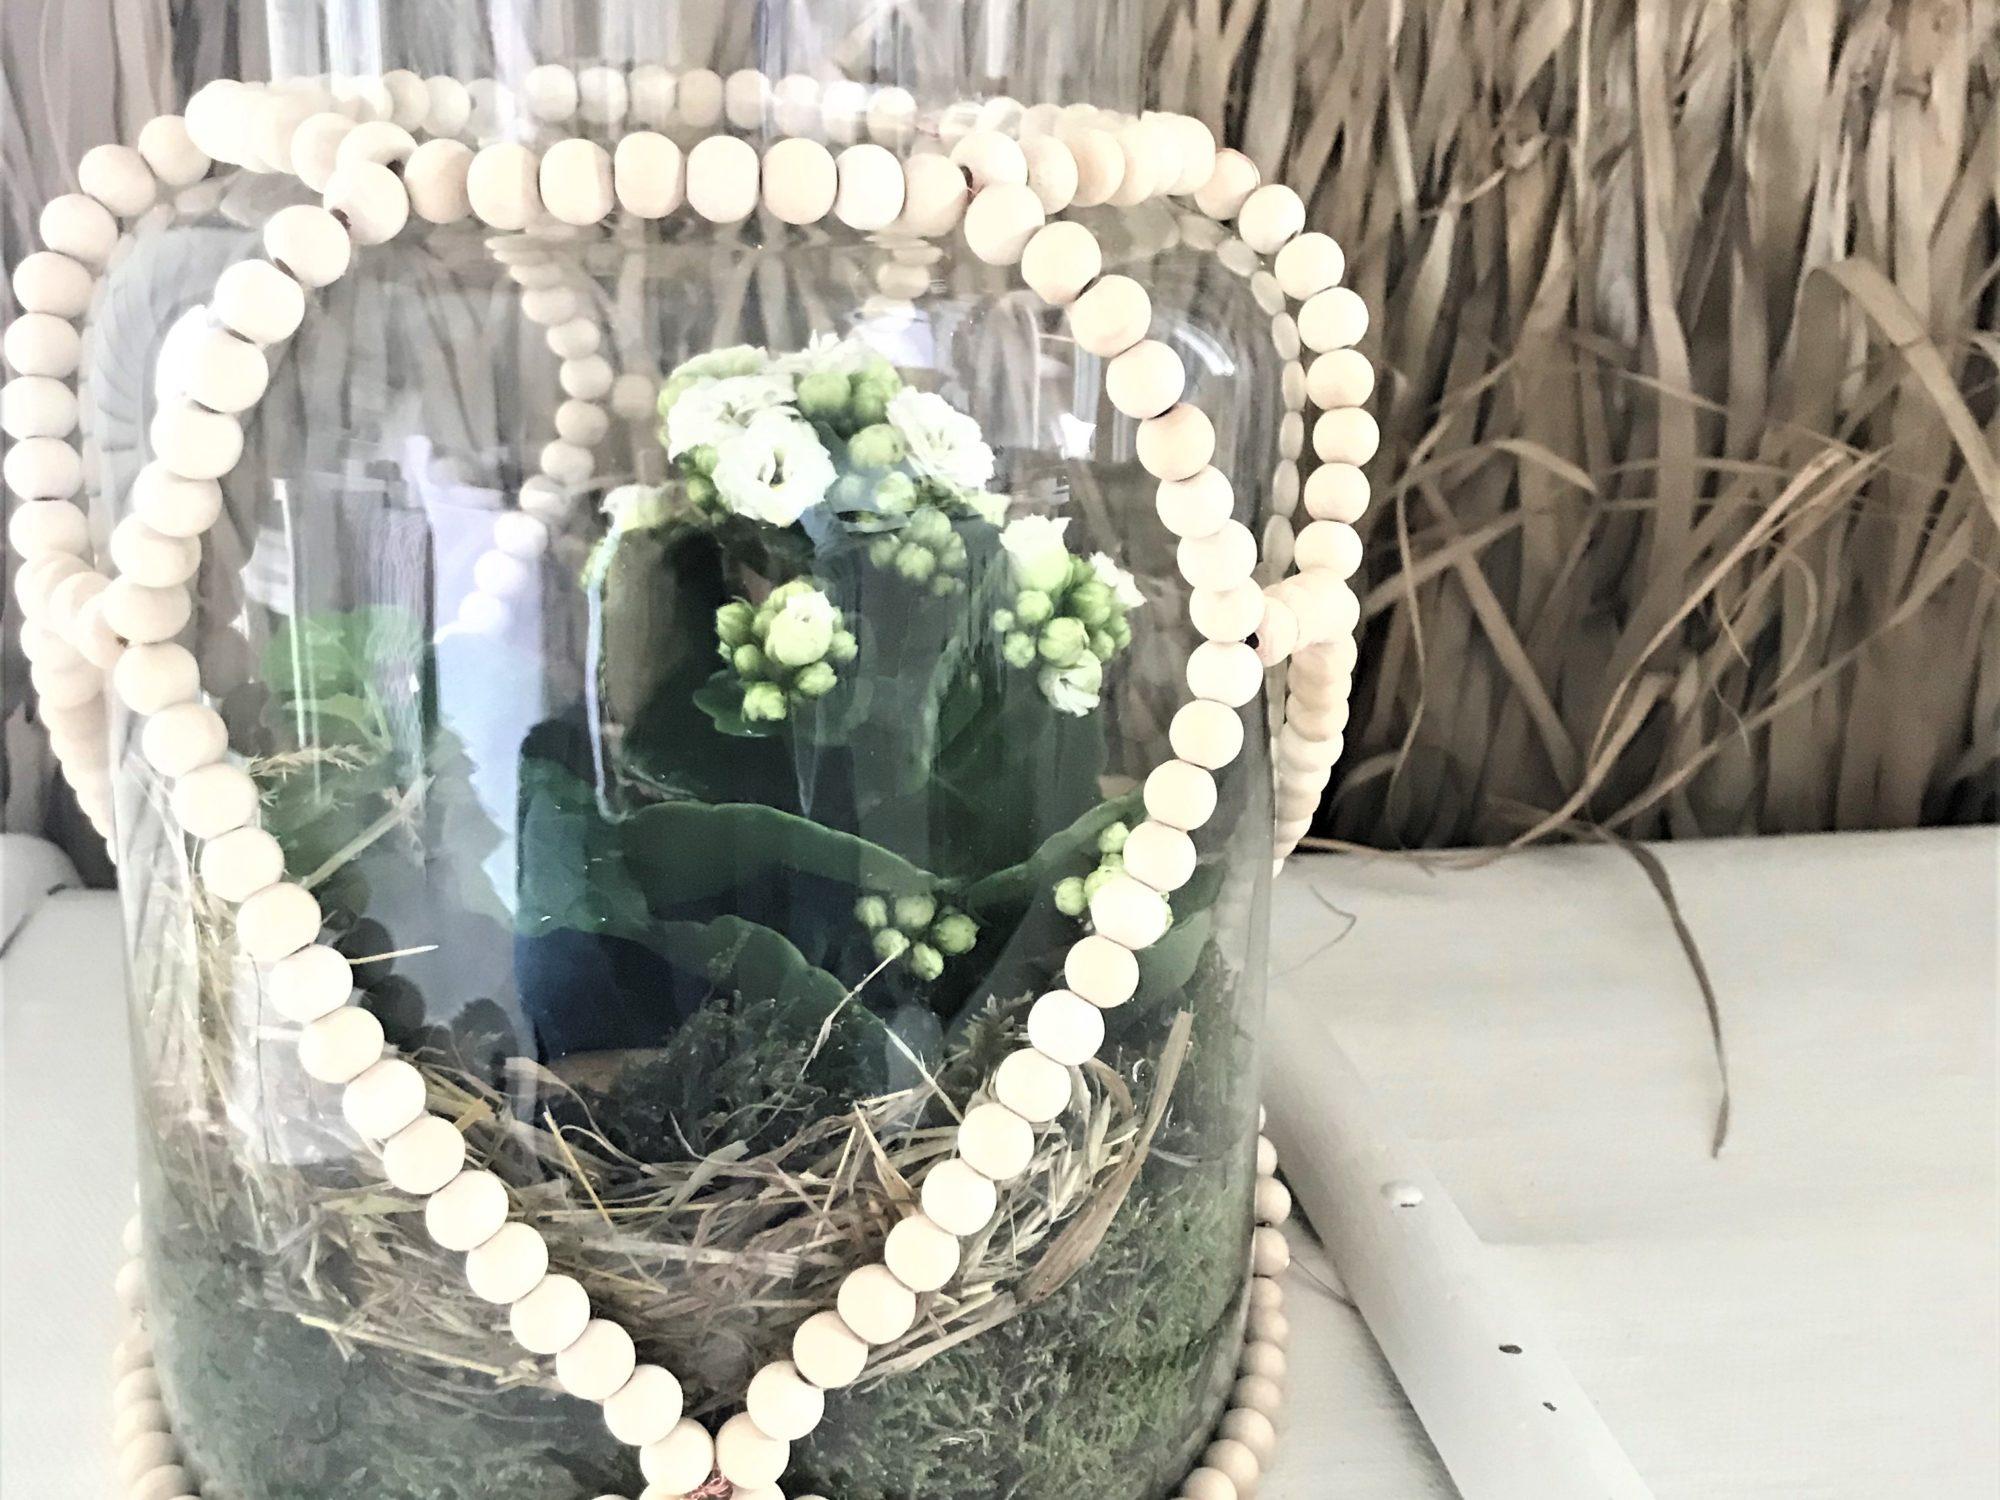 Holzperlen Deko für großes Glasgefäß bastel., Windlichter, Vase, Miniterrarien dekorieren. Kreative Deko im Boho Stil. #holzperlen, #chalet8